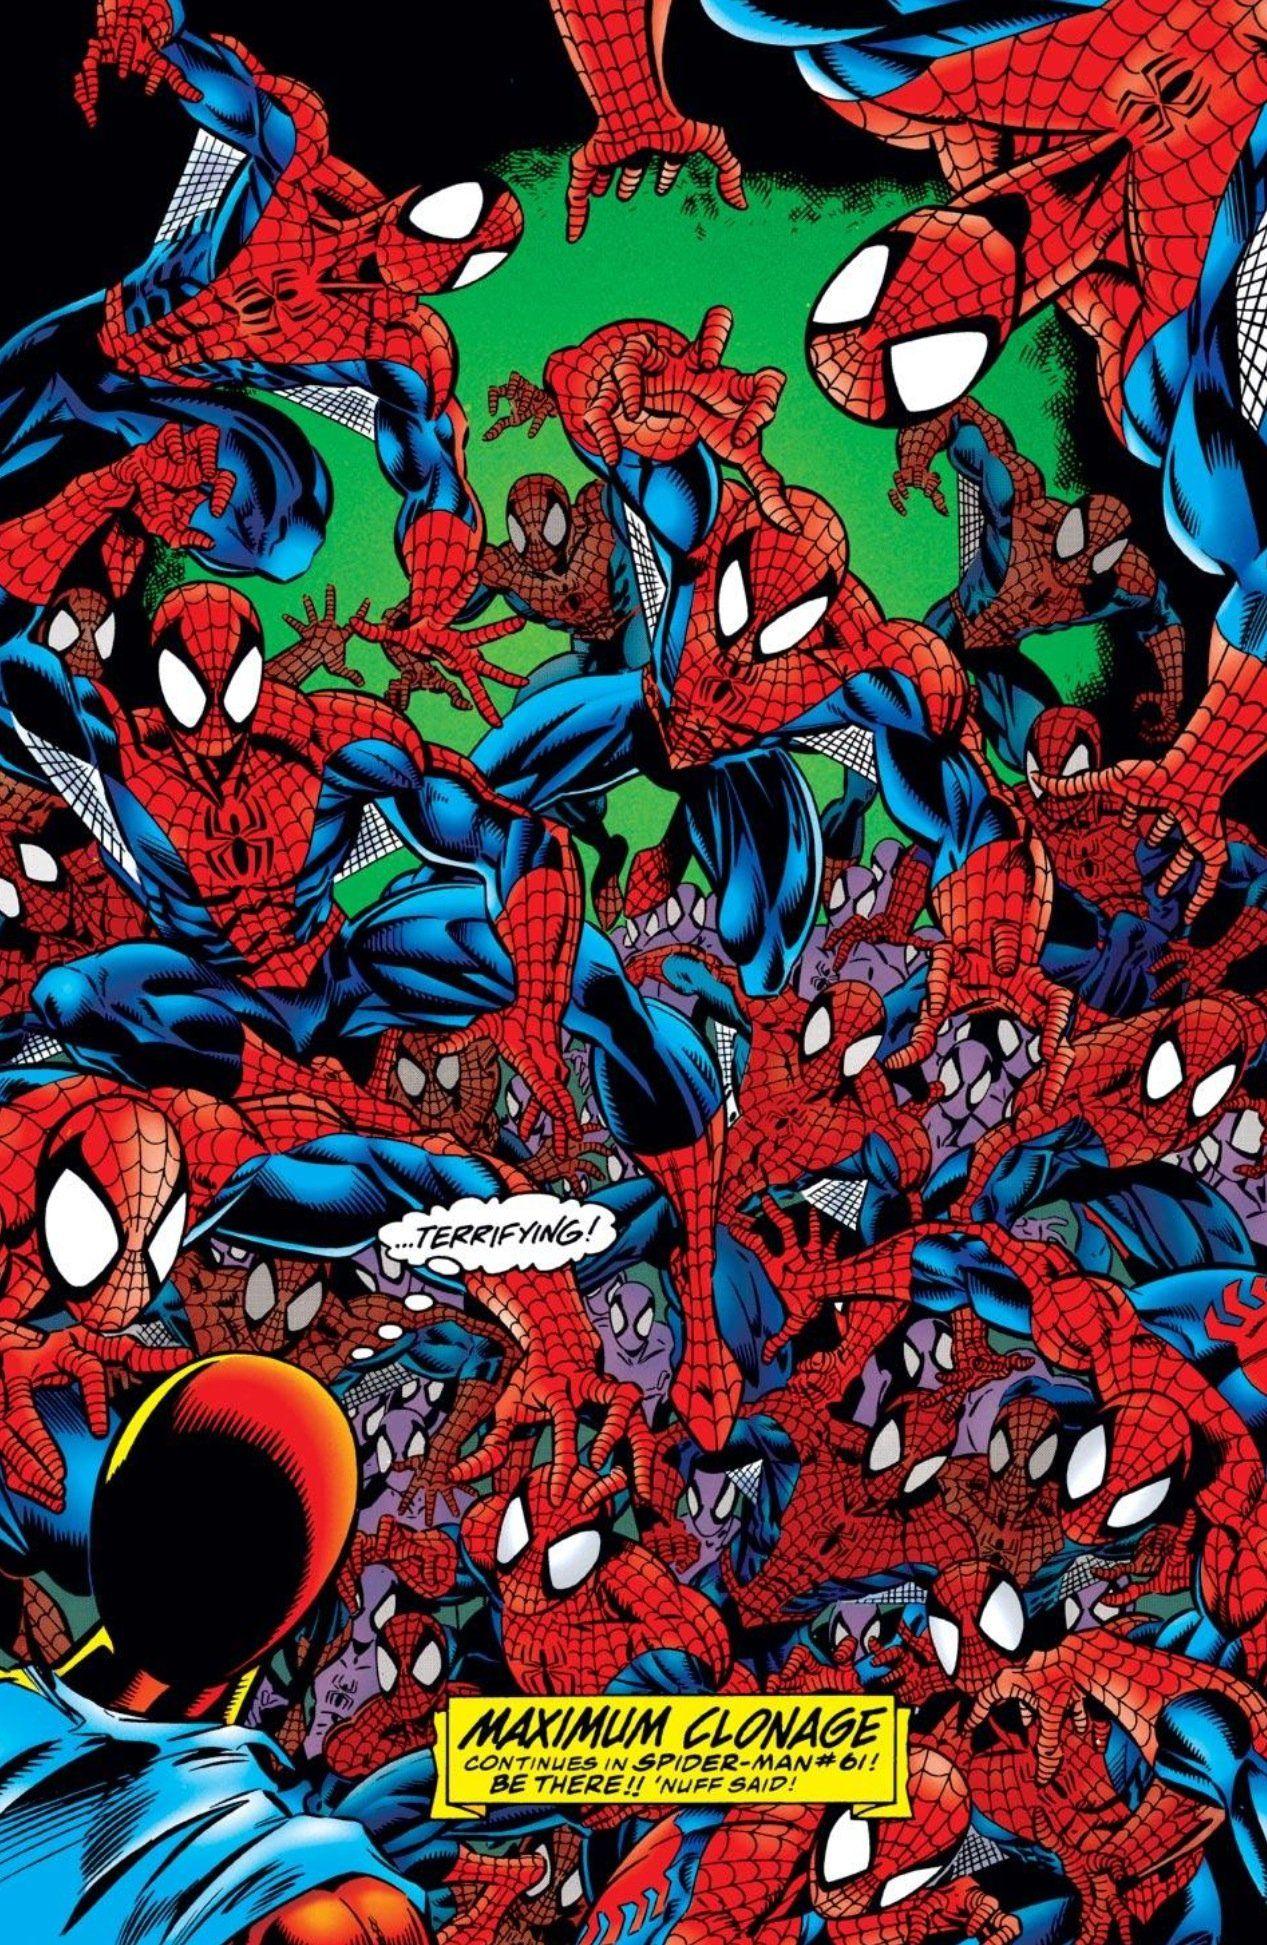 spider-man-far-from-home-avengers-endgame-clone-saga